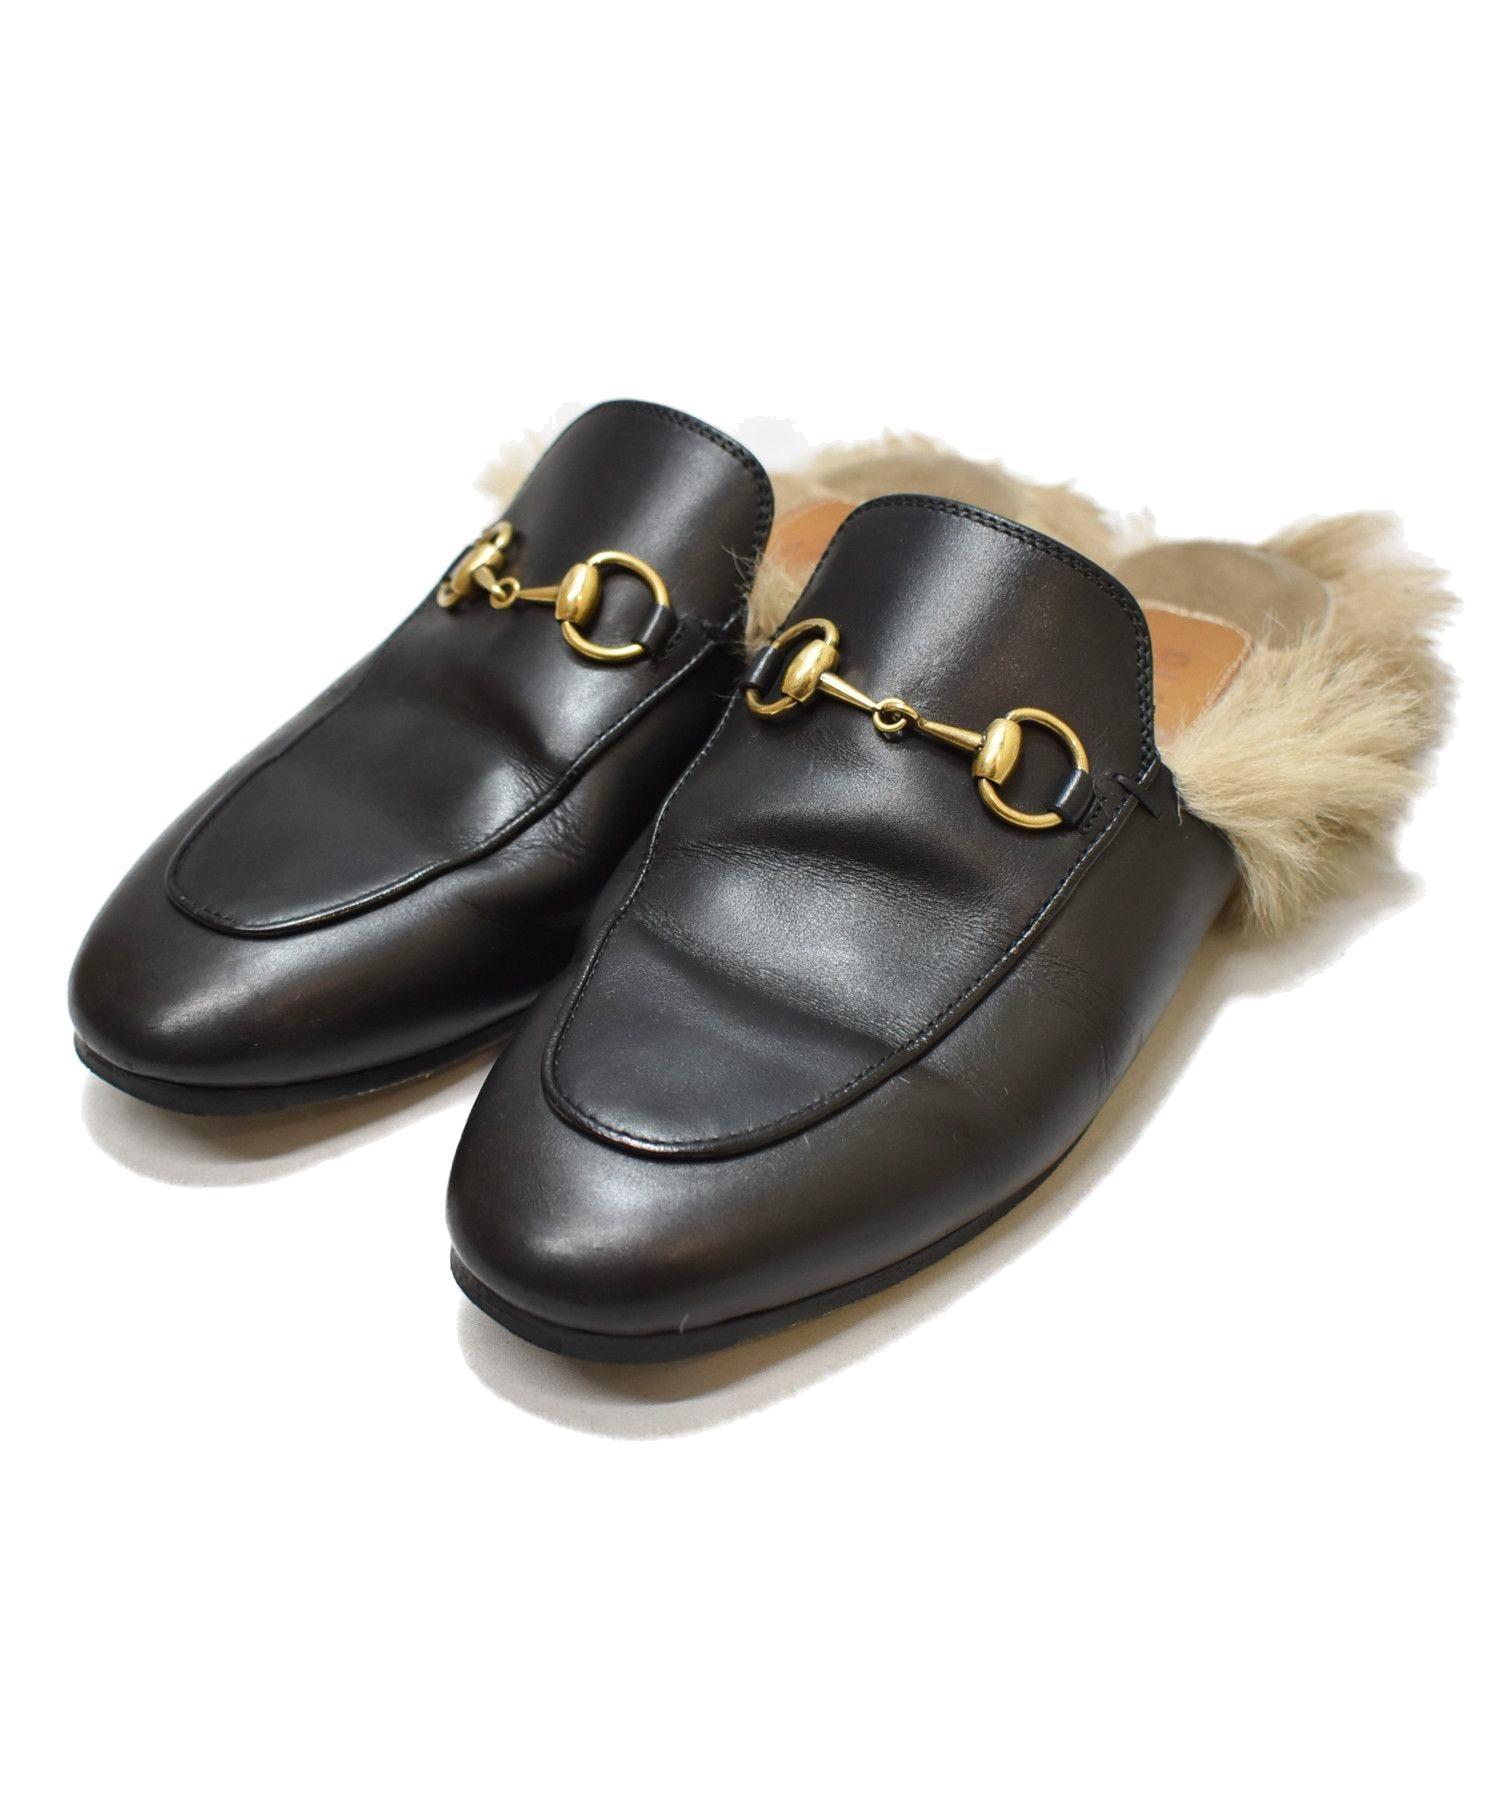 best sneakers 18427 9919e [中古]GUCCI(グッチ)のレディース シューズ プリンスタウンレザースリッパ